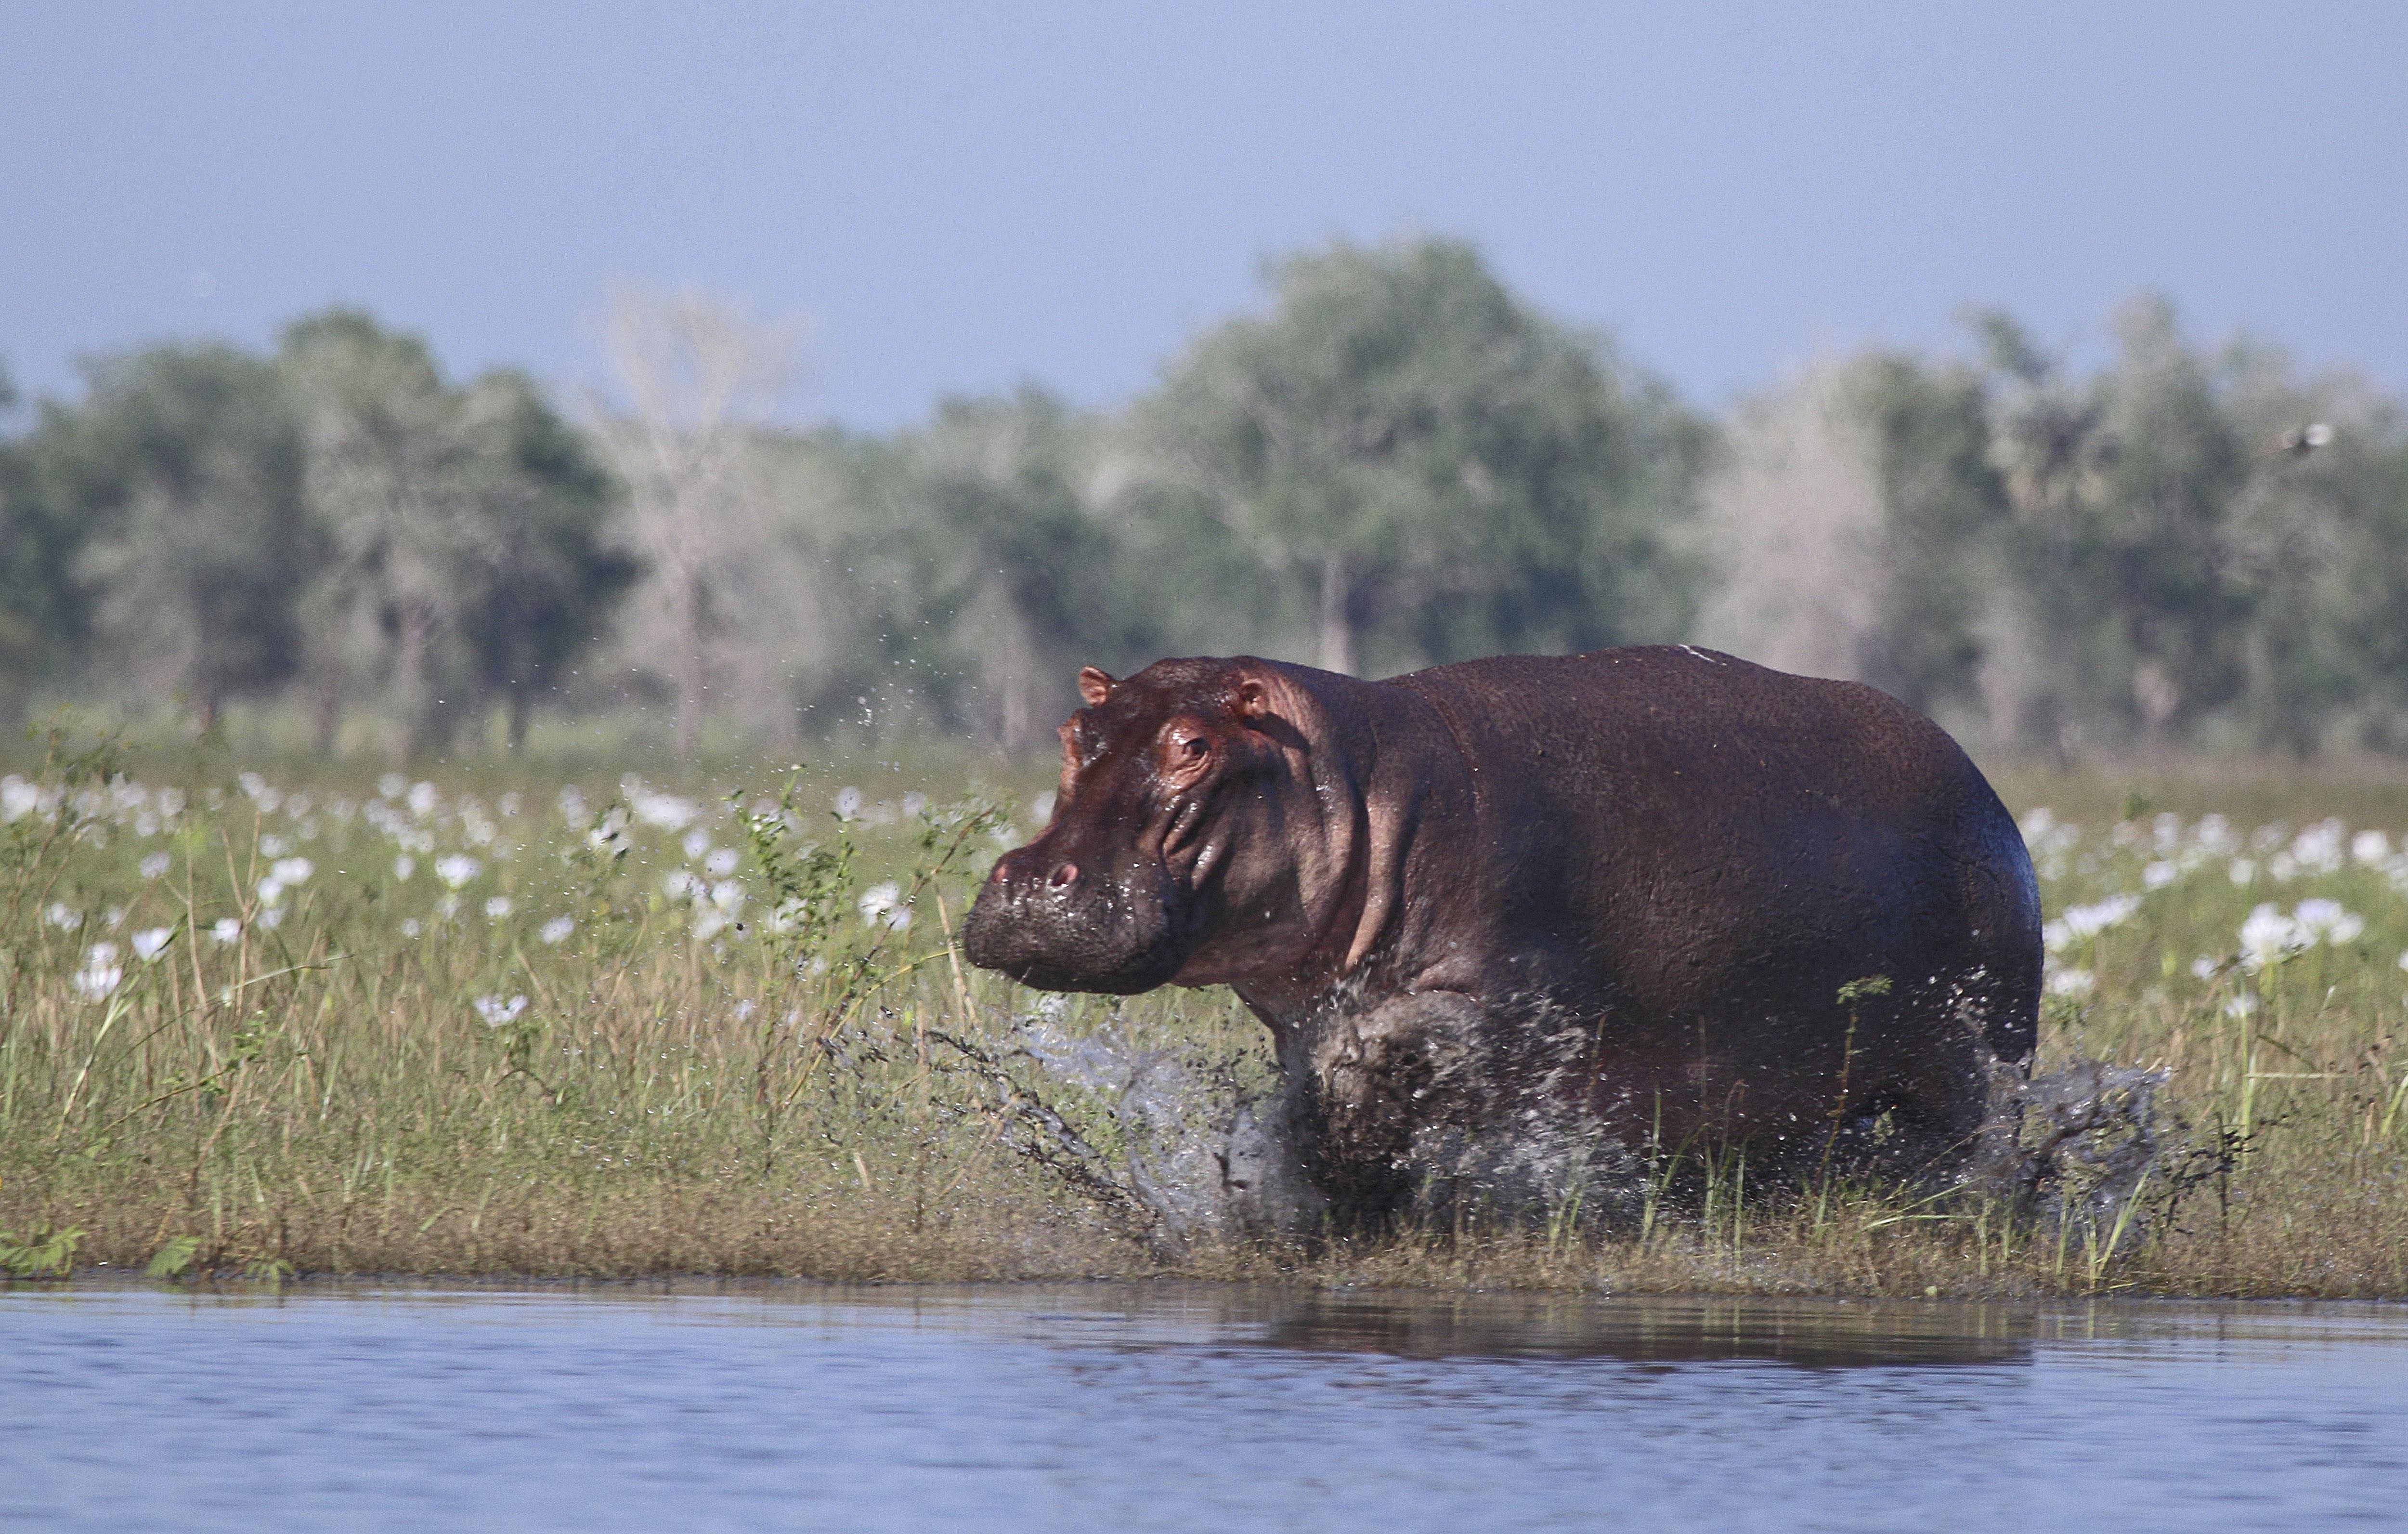 Hippo Kills Chinese Tourist Taking Photos at Kenya Lake